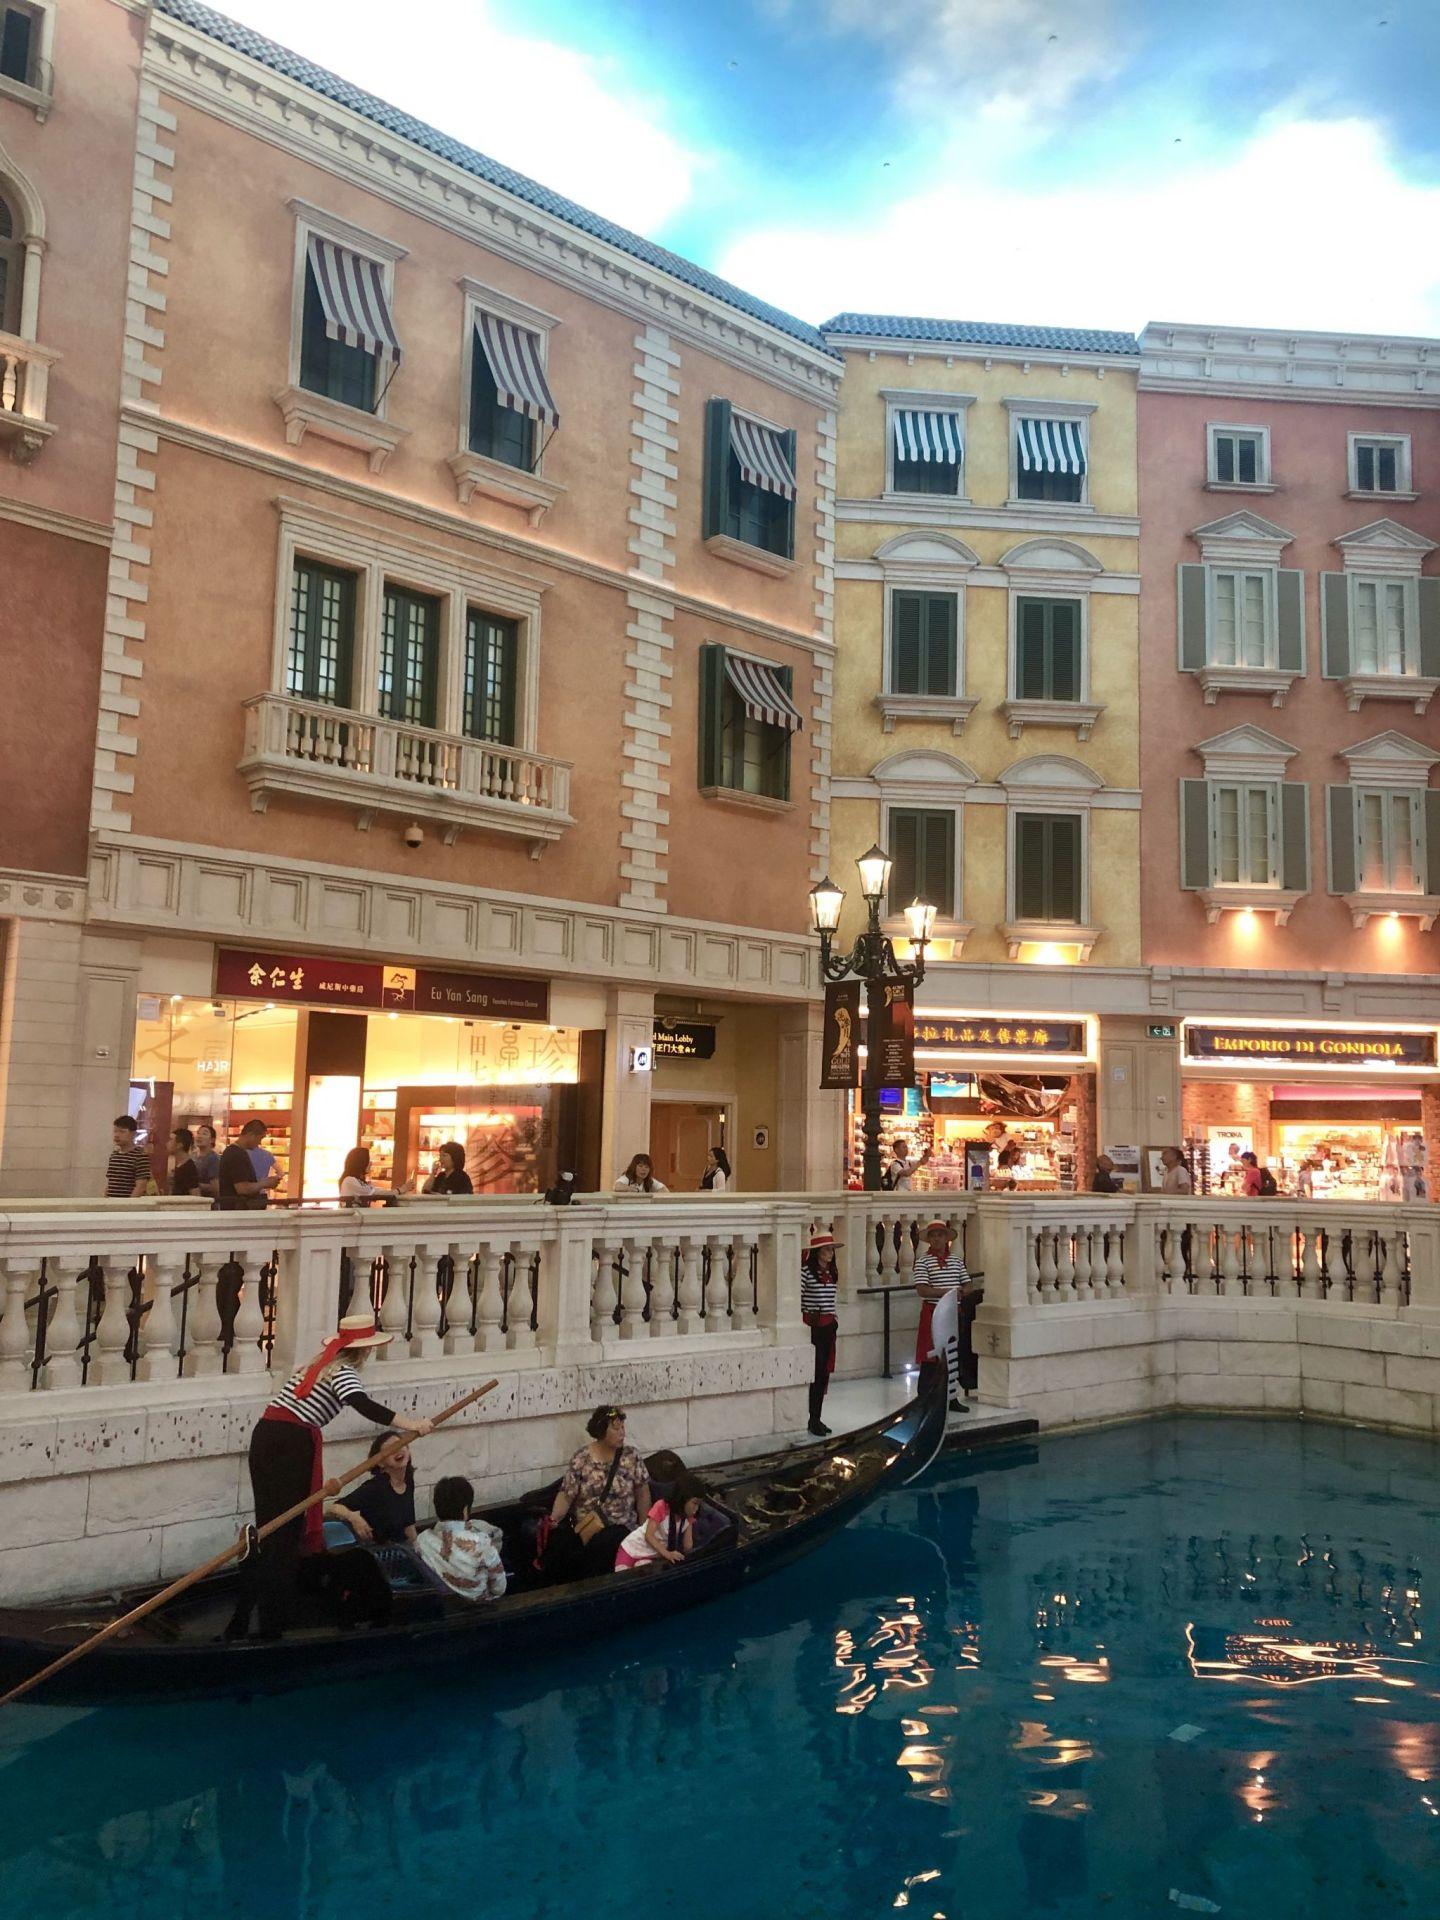 Gondolas at the Venetian Macau, Cotai Strip